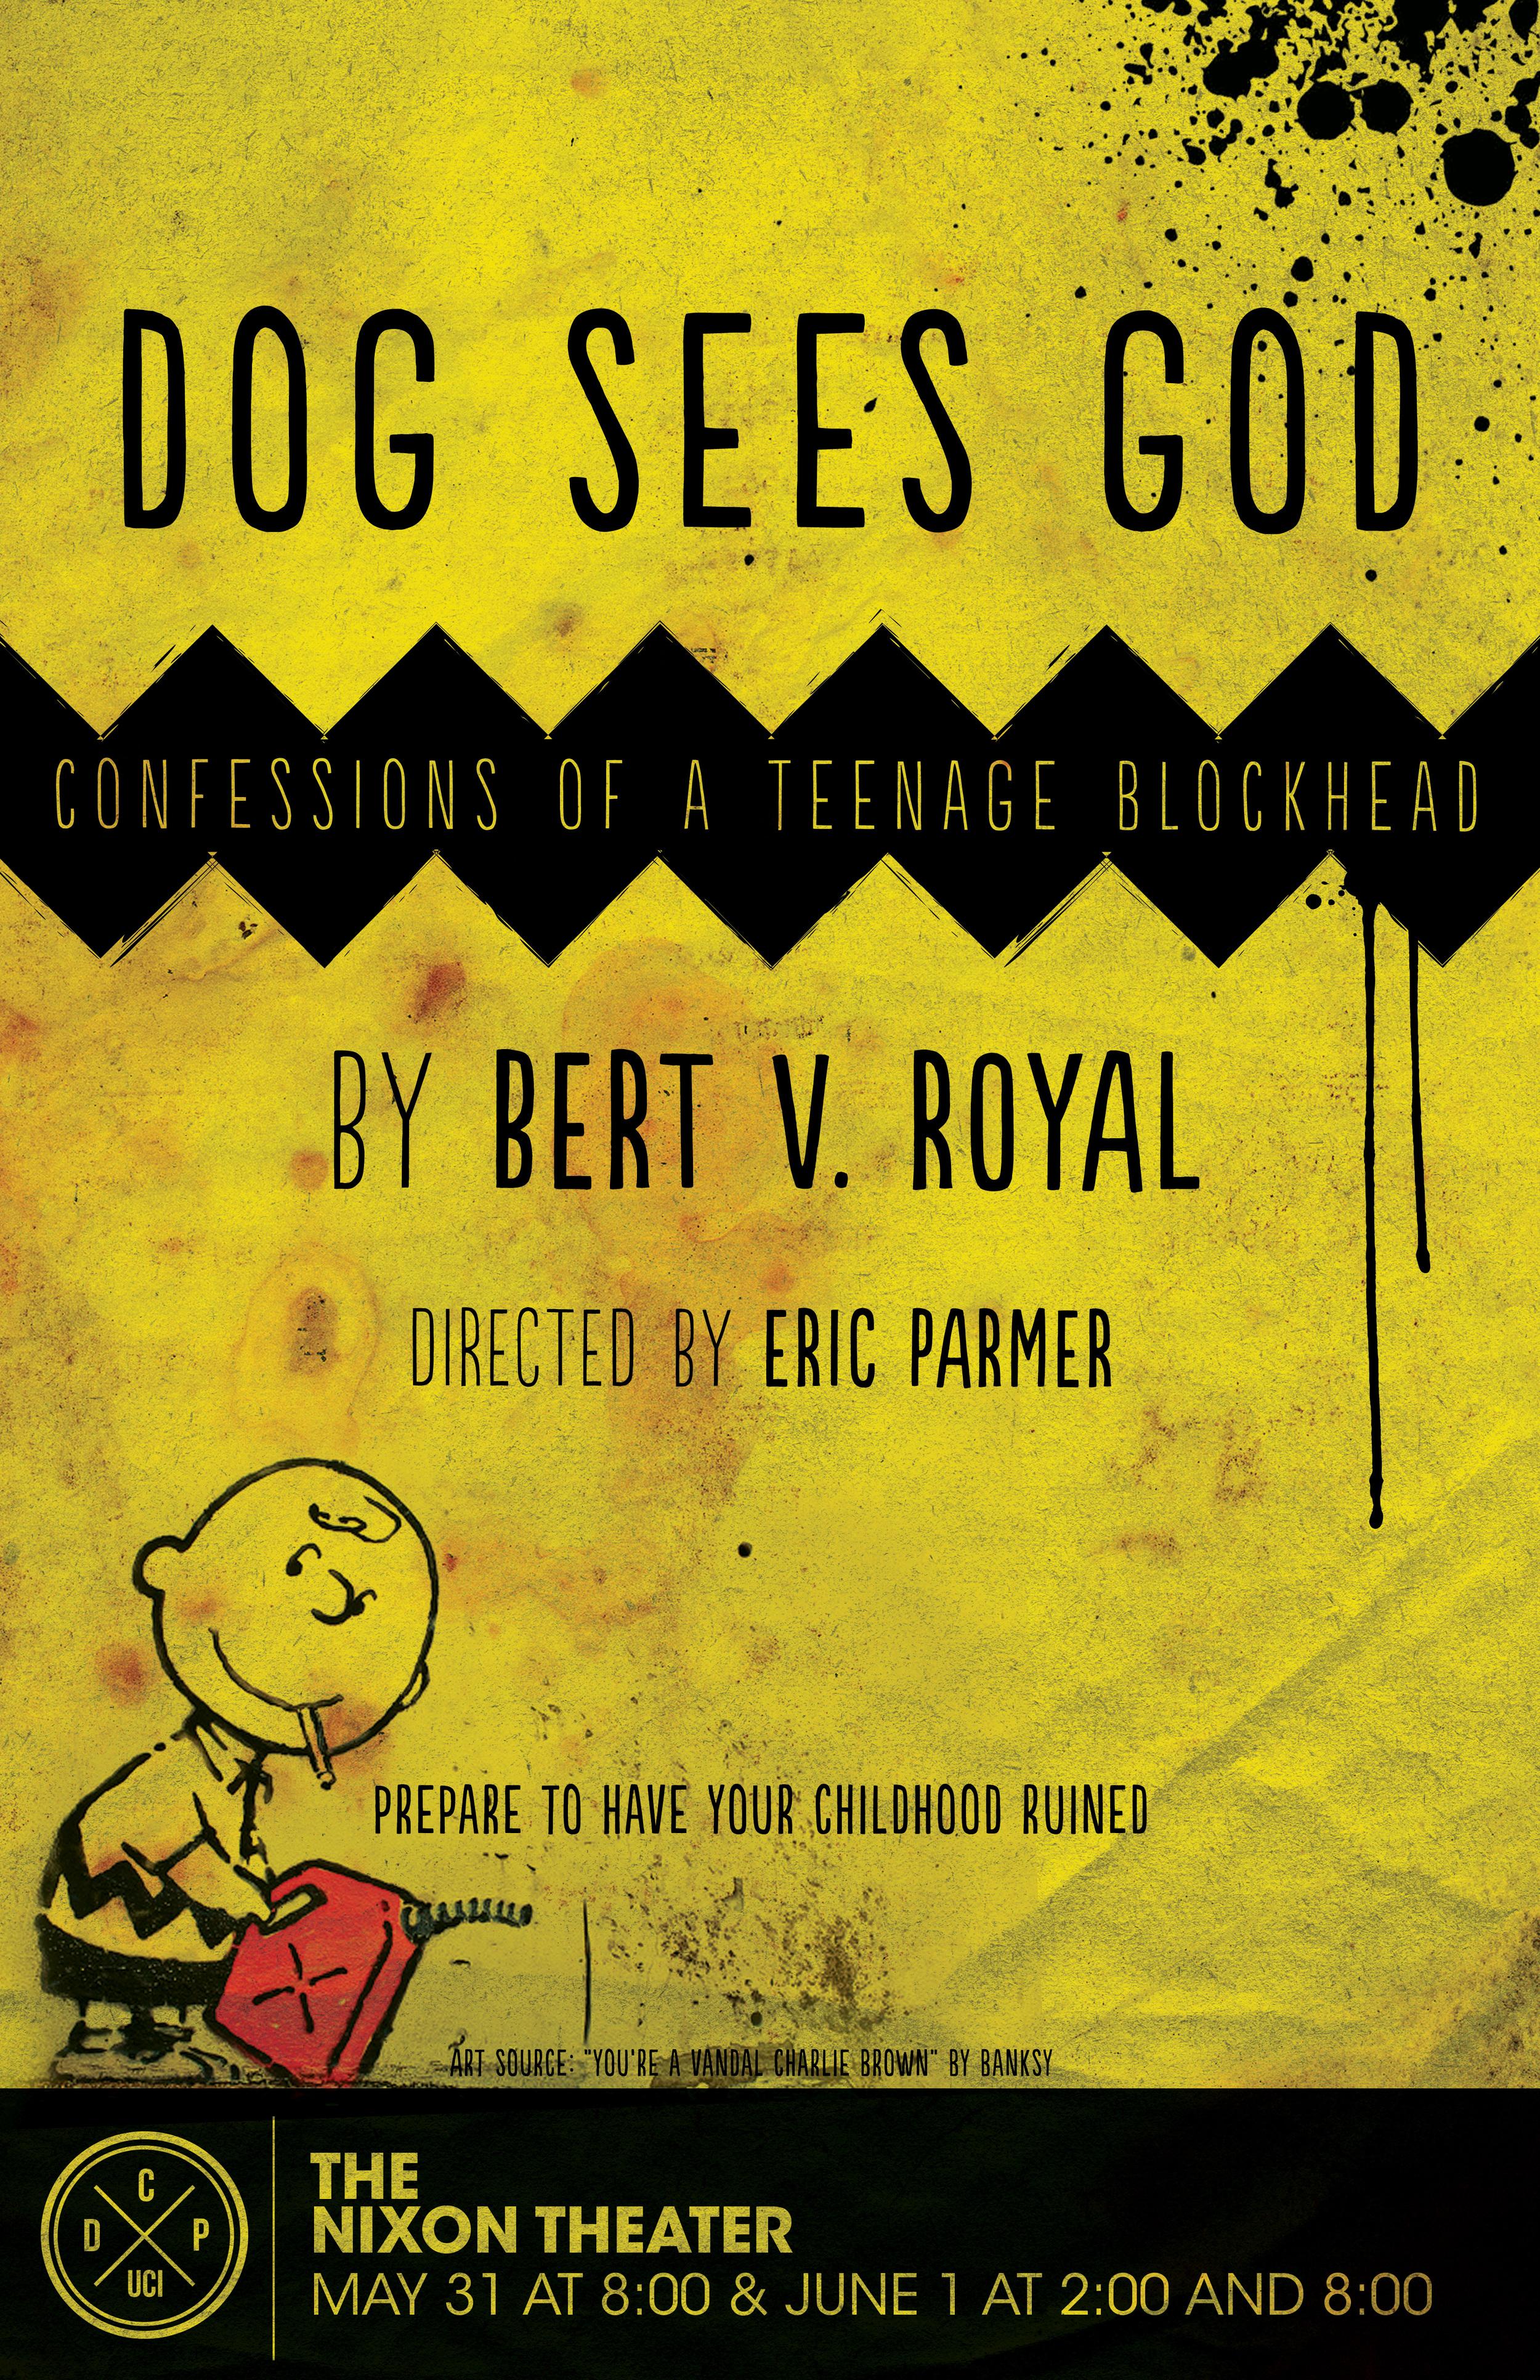 DOG-SEES-GOD-V3.jpg